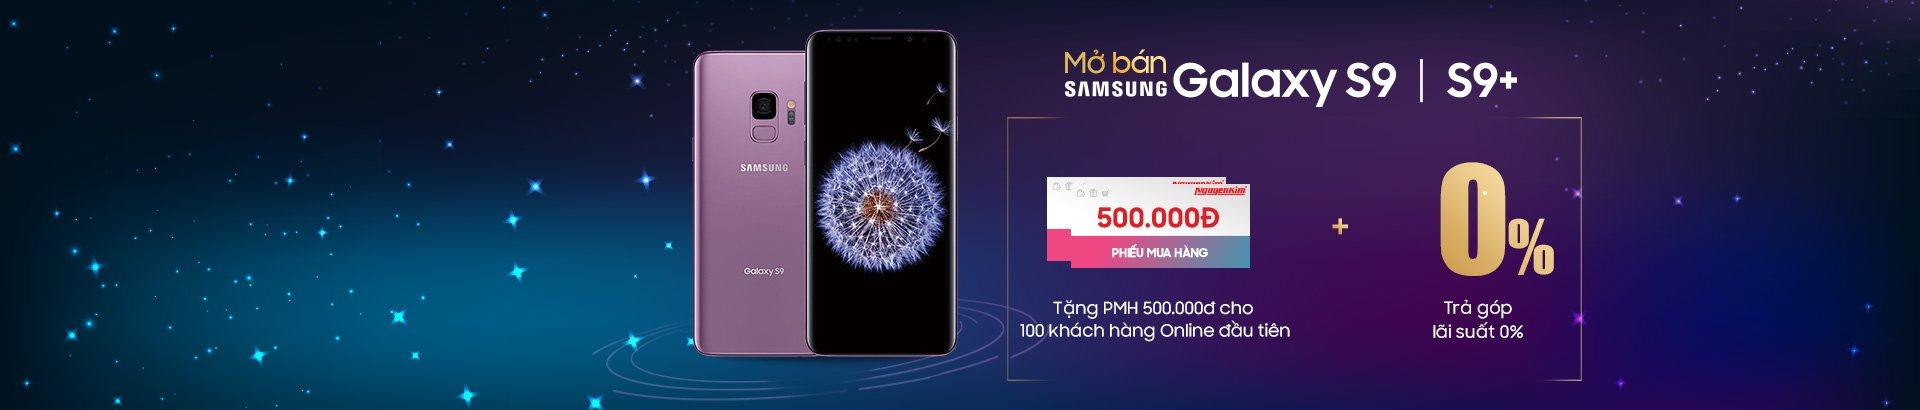 Mua Galaxy S9 | S9+ <br/> giảm 500k